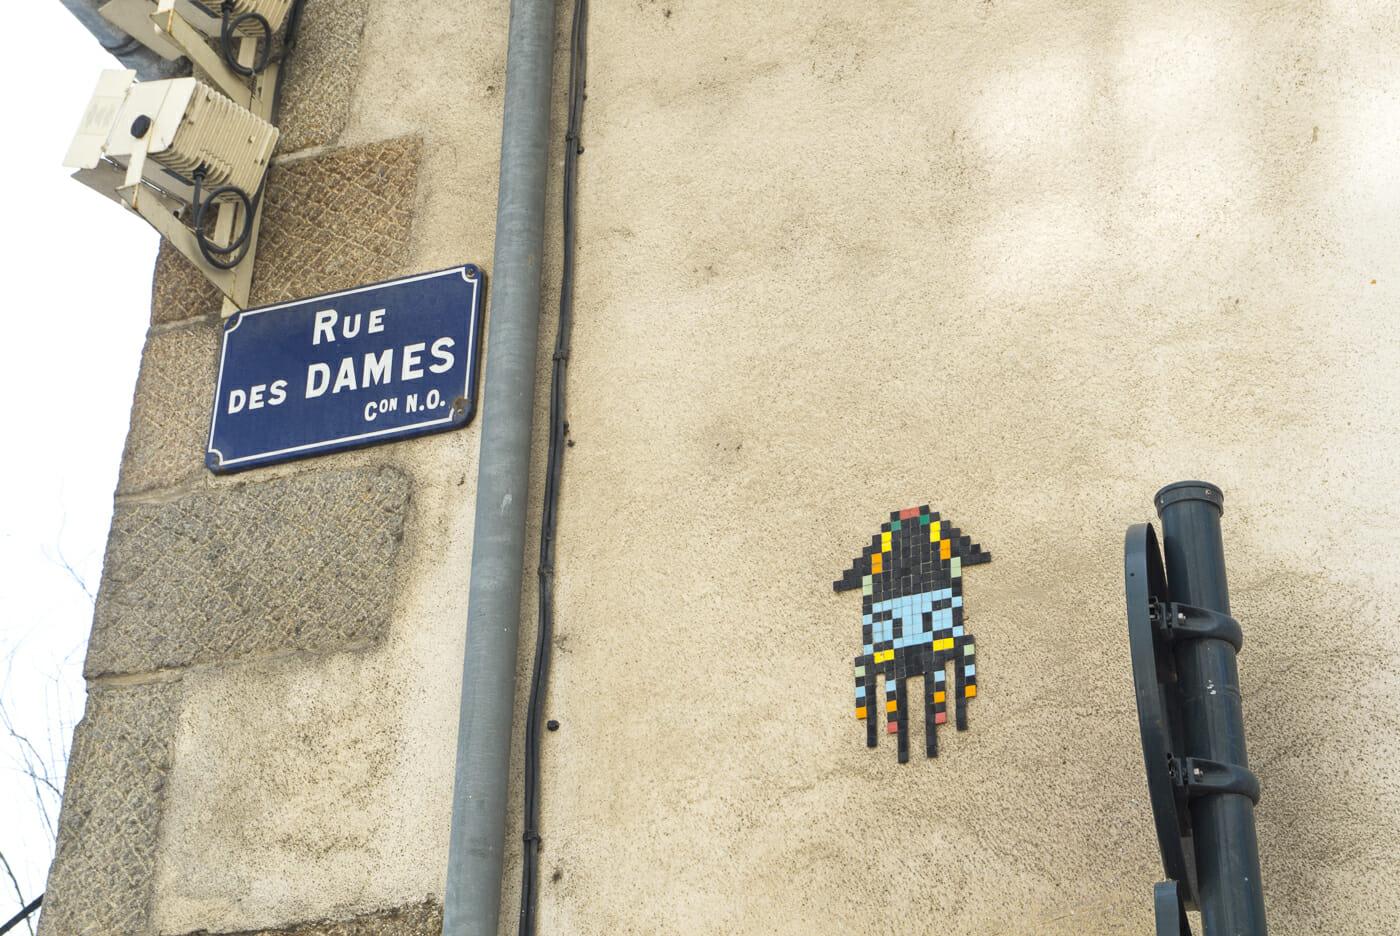 Céramiques d'un artiste d'art de rue à Rennes